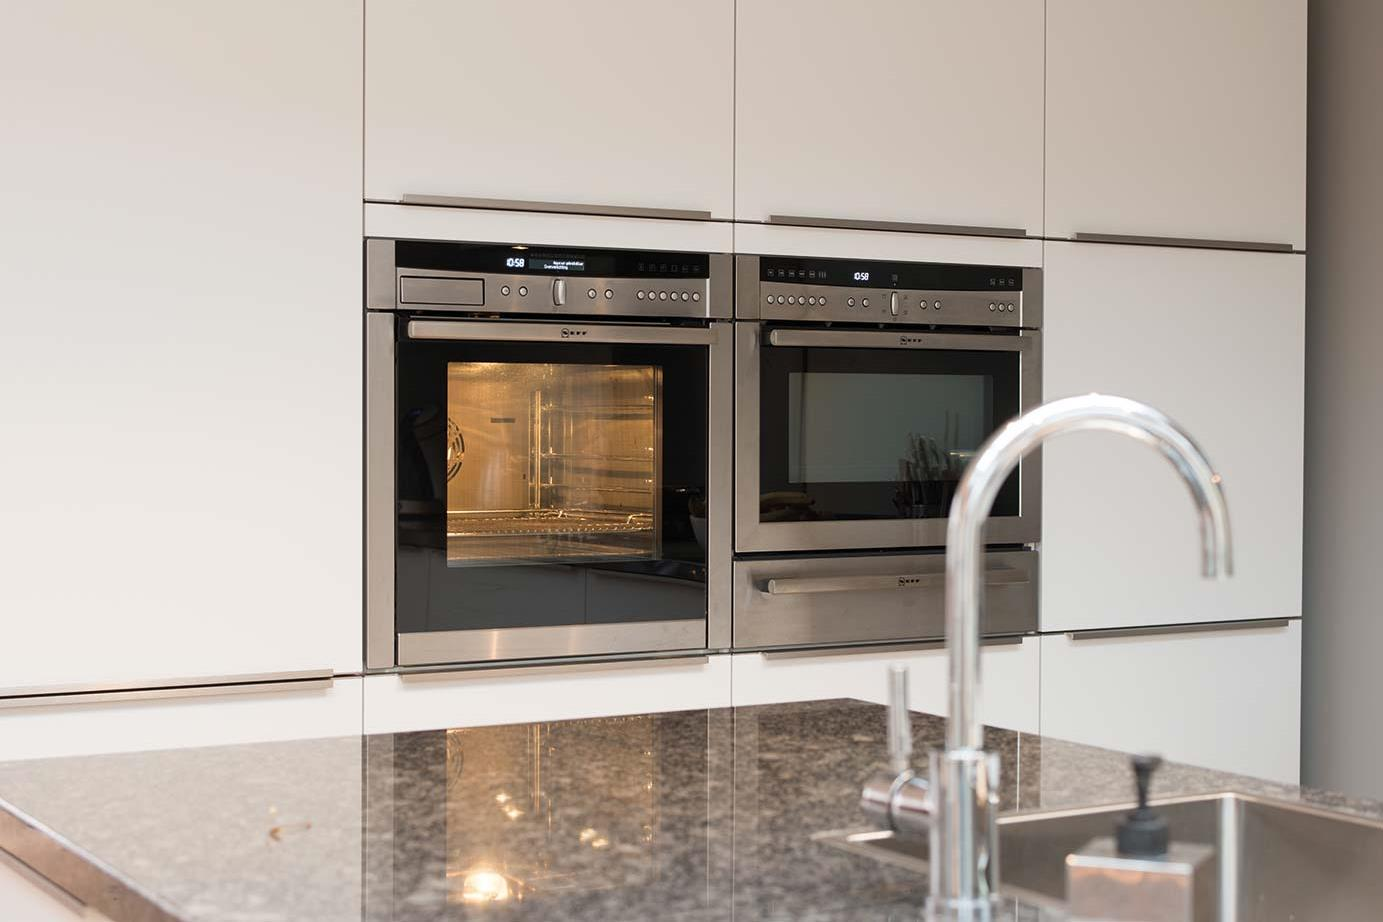 Badkamer Showroom Katwijk : Moderne keuken met eiland in katwijk zie binnenkijker db keukens